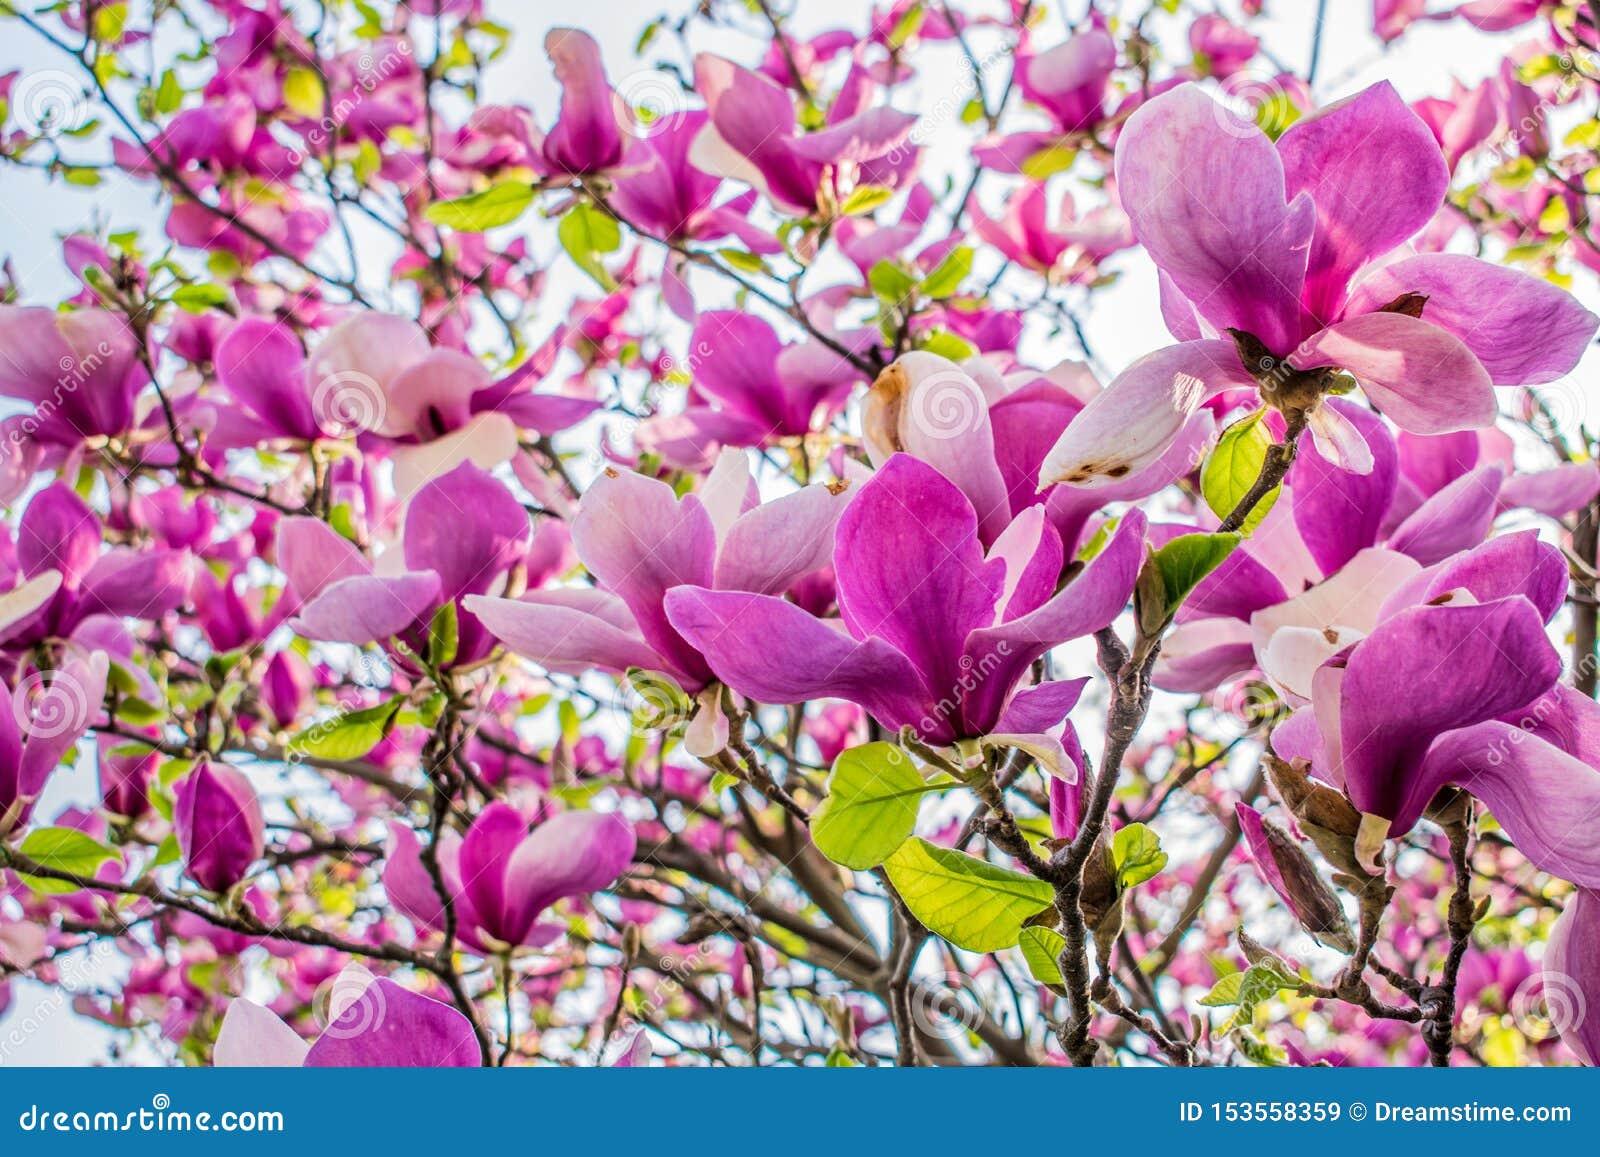 Grands bourgeons d orchidée rose au printemps sur l arbre